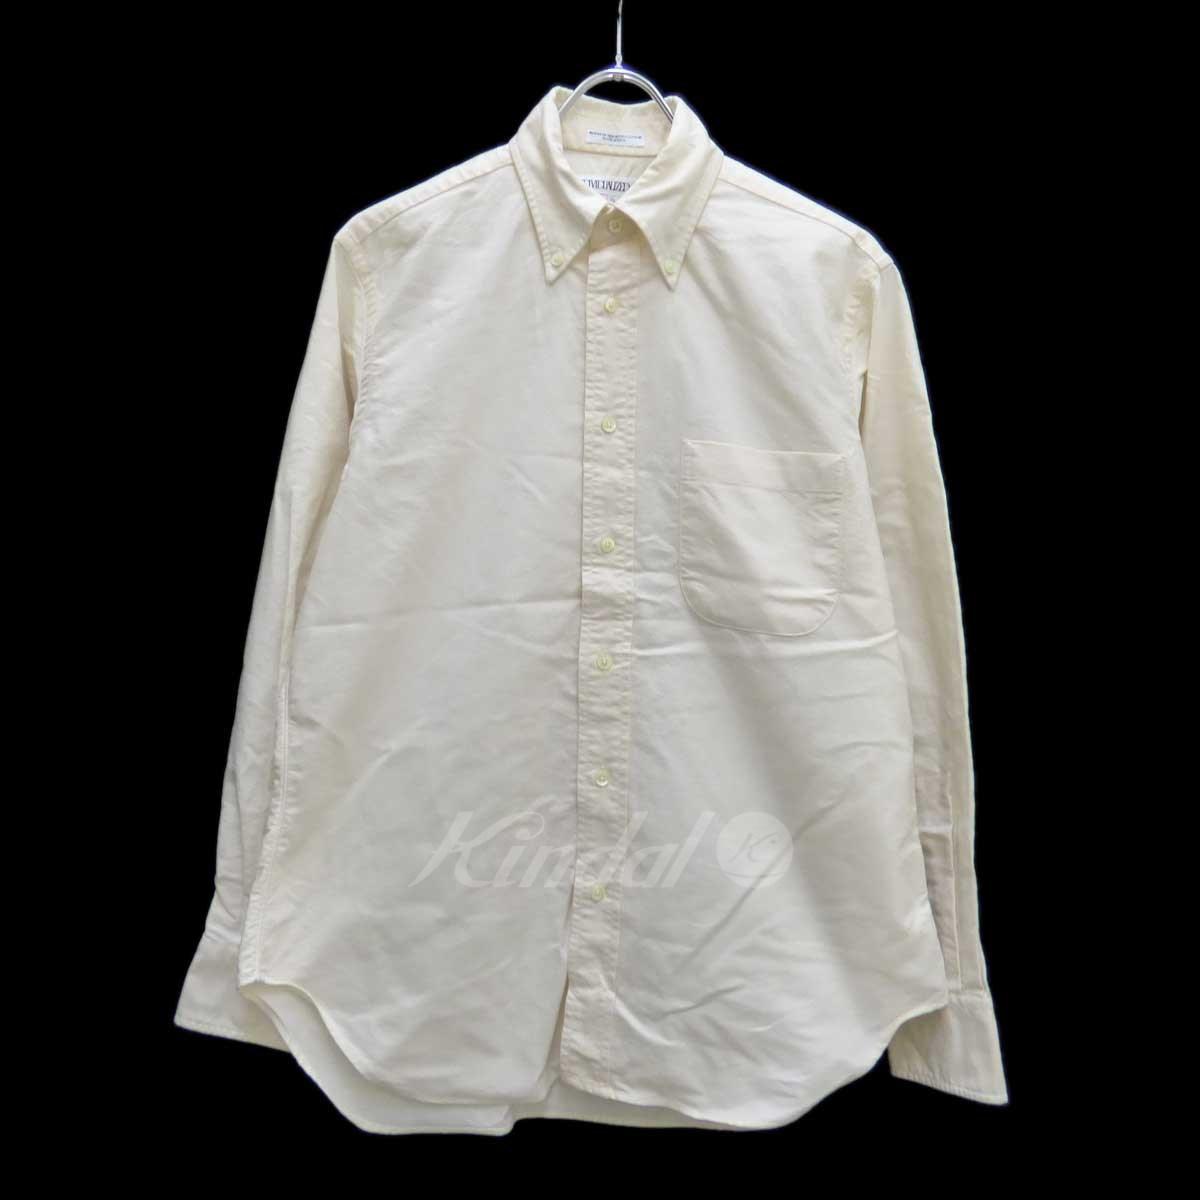 【中古】INDIVIDUALIZED SHIRTS ボタンダウンシャツ アイボリー サイズ:14 1/2 32 【260618】(インディビジュアライズドシャツ)